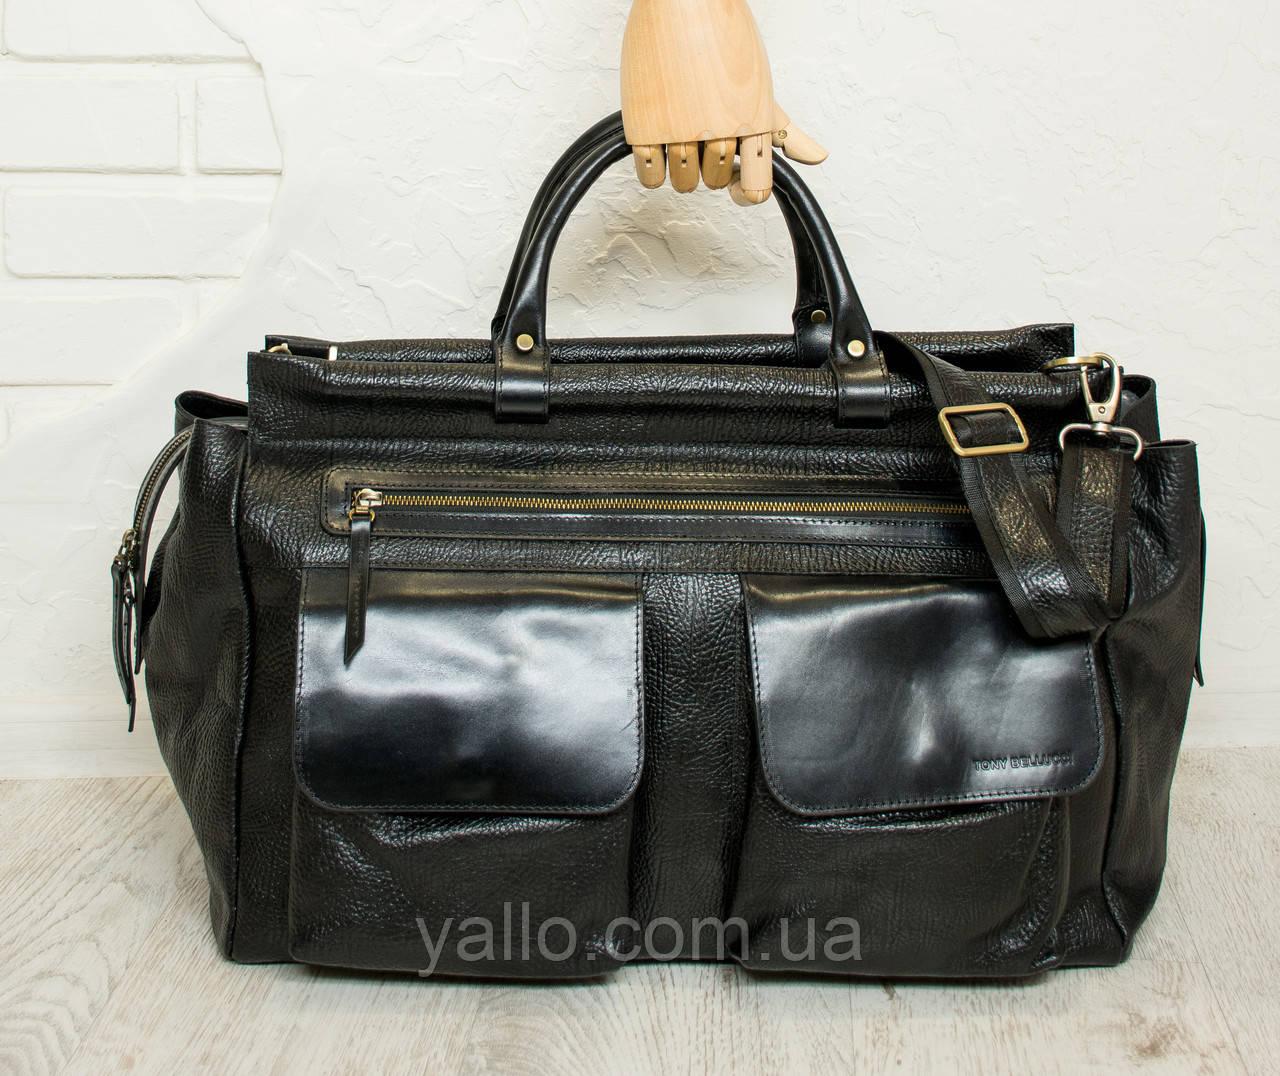 Дорожная сумка из натуральной кожи Tony Bellucci T5012-893